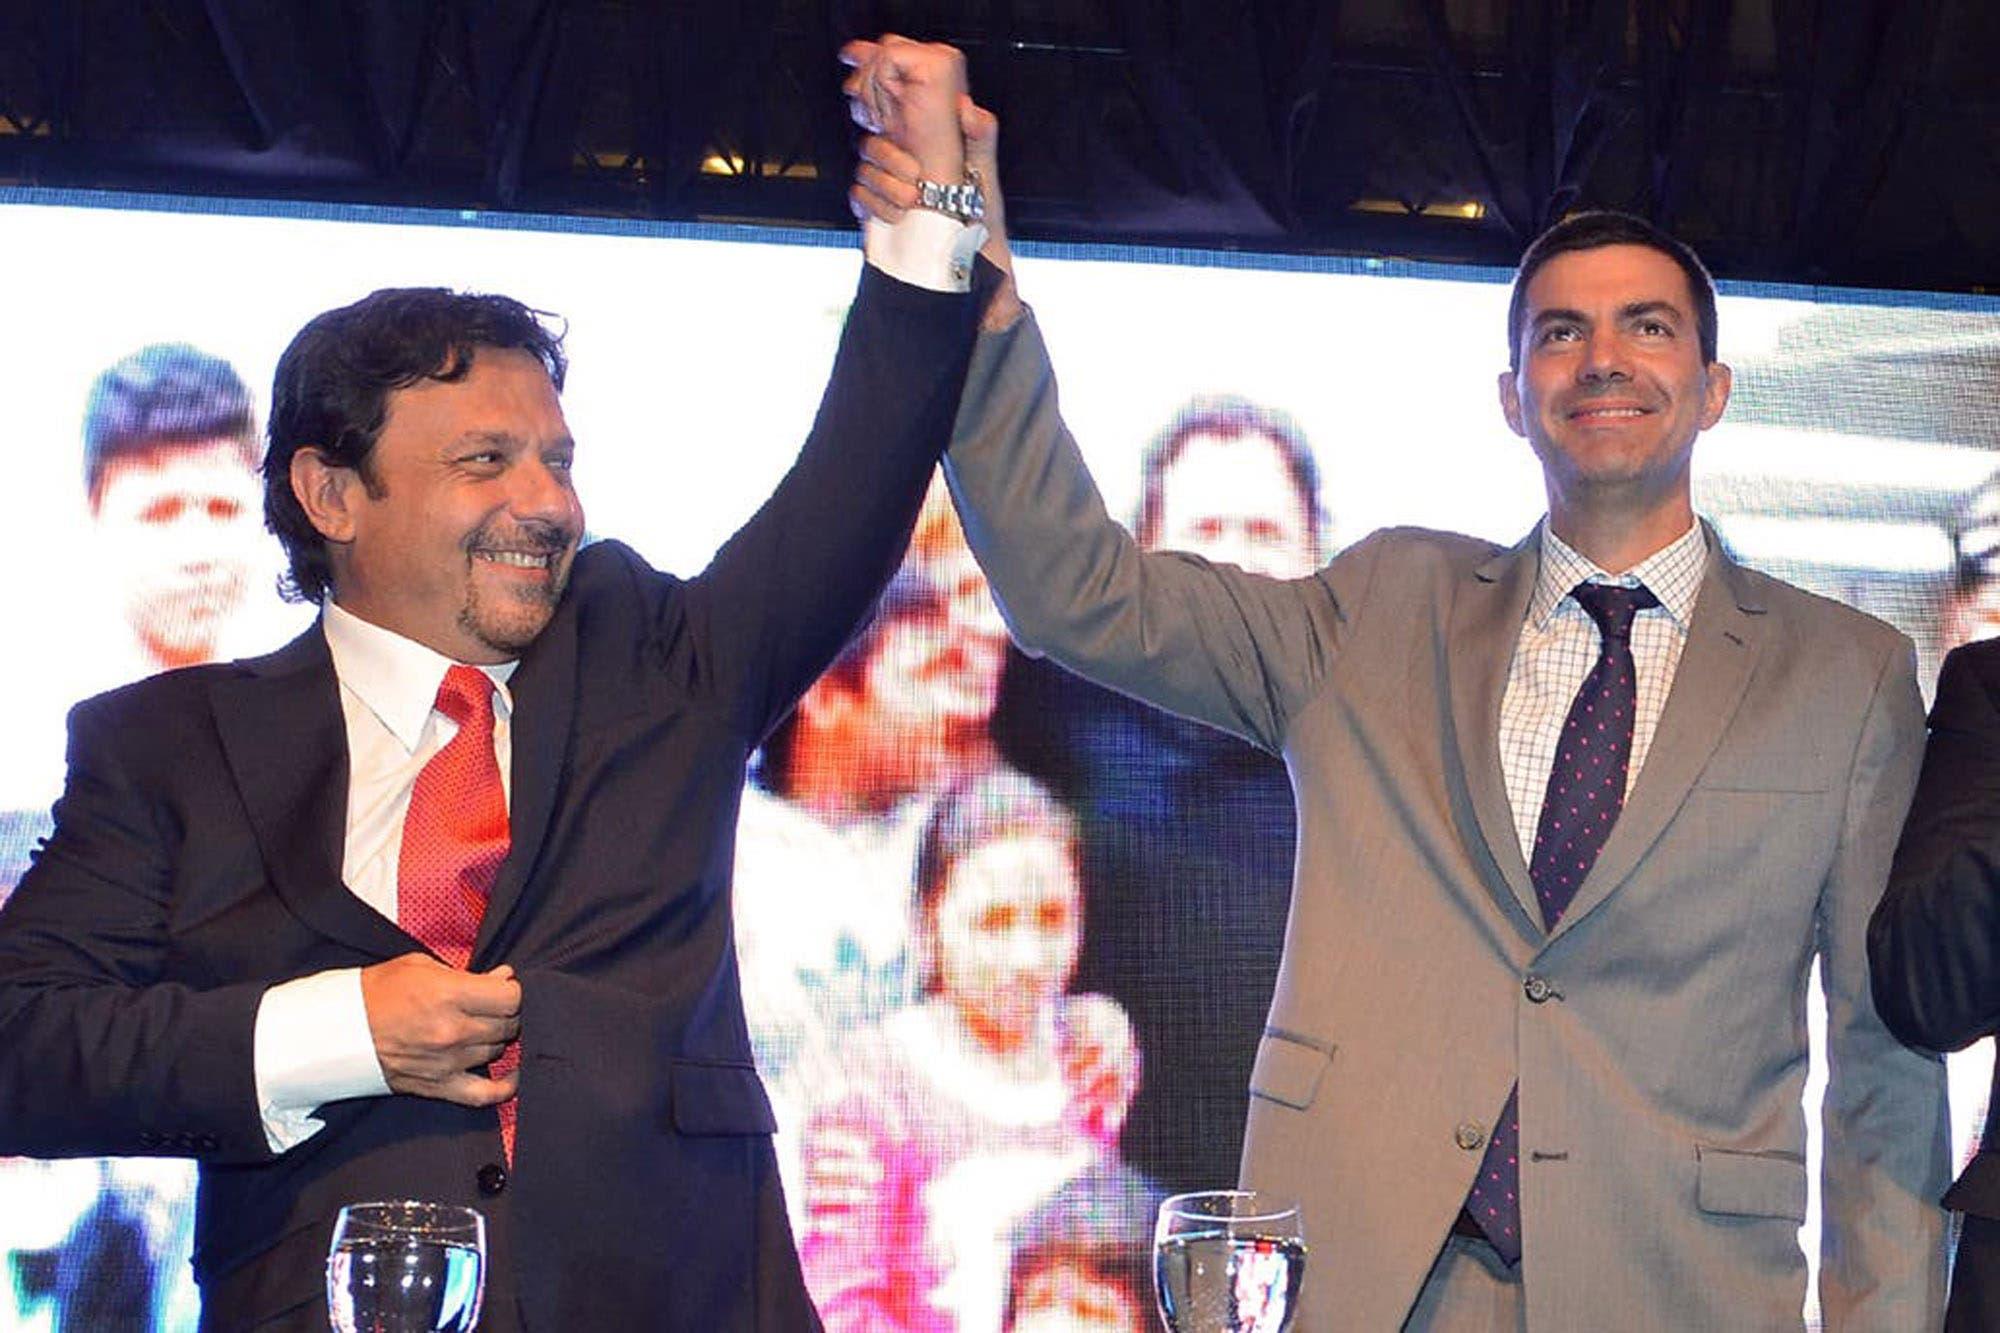 Elecciones en Salta: ganó Gustavo Sáenz y se convirtió en el nuevo gobernador